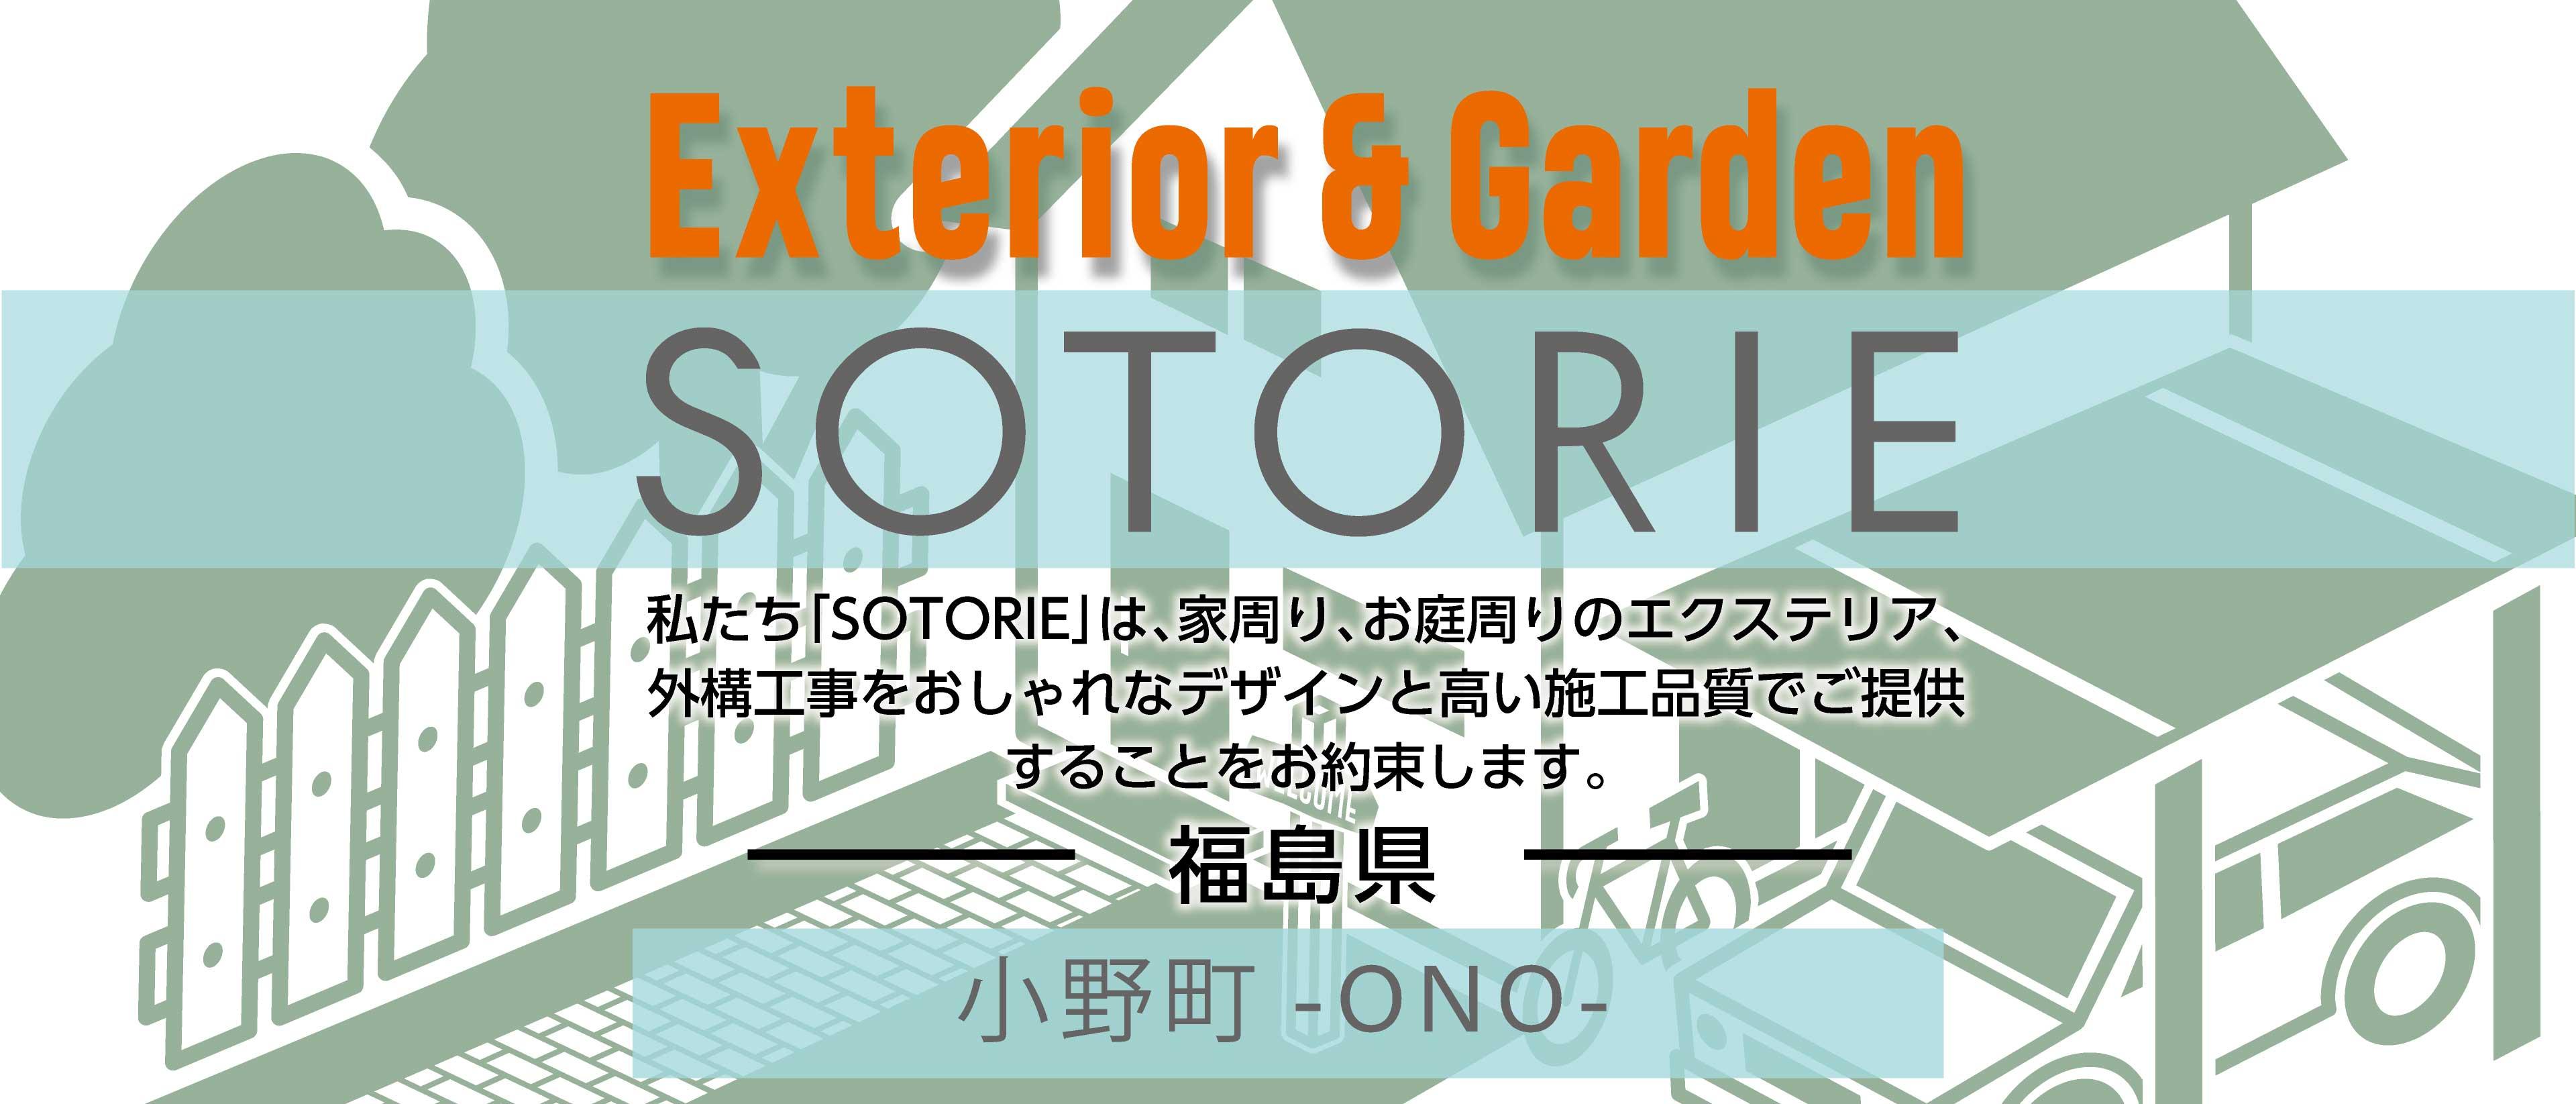 ソトリエ小野町では、家周りと庭周りの外構、エクステリア工事をおしゃれなデザインと高い施工品質でご提供することをお約束します。